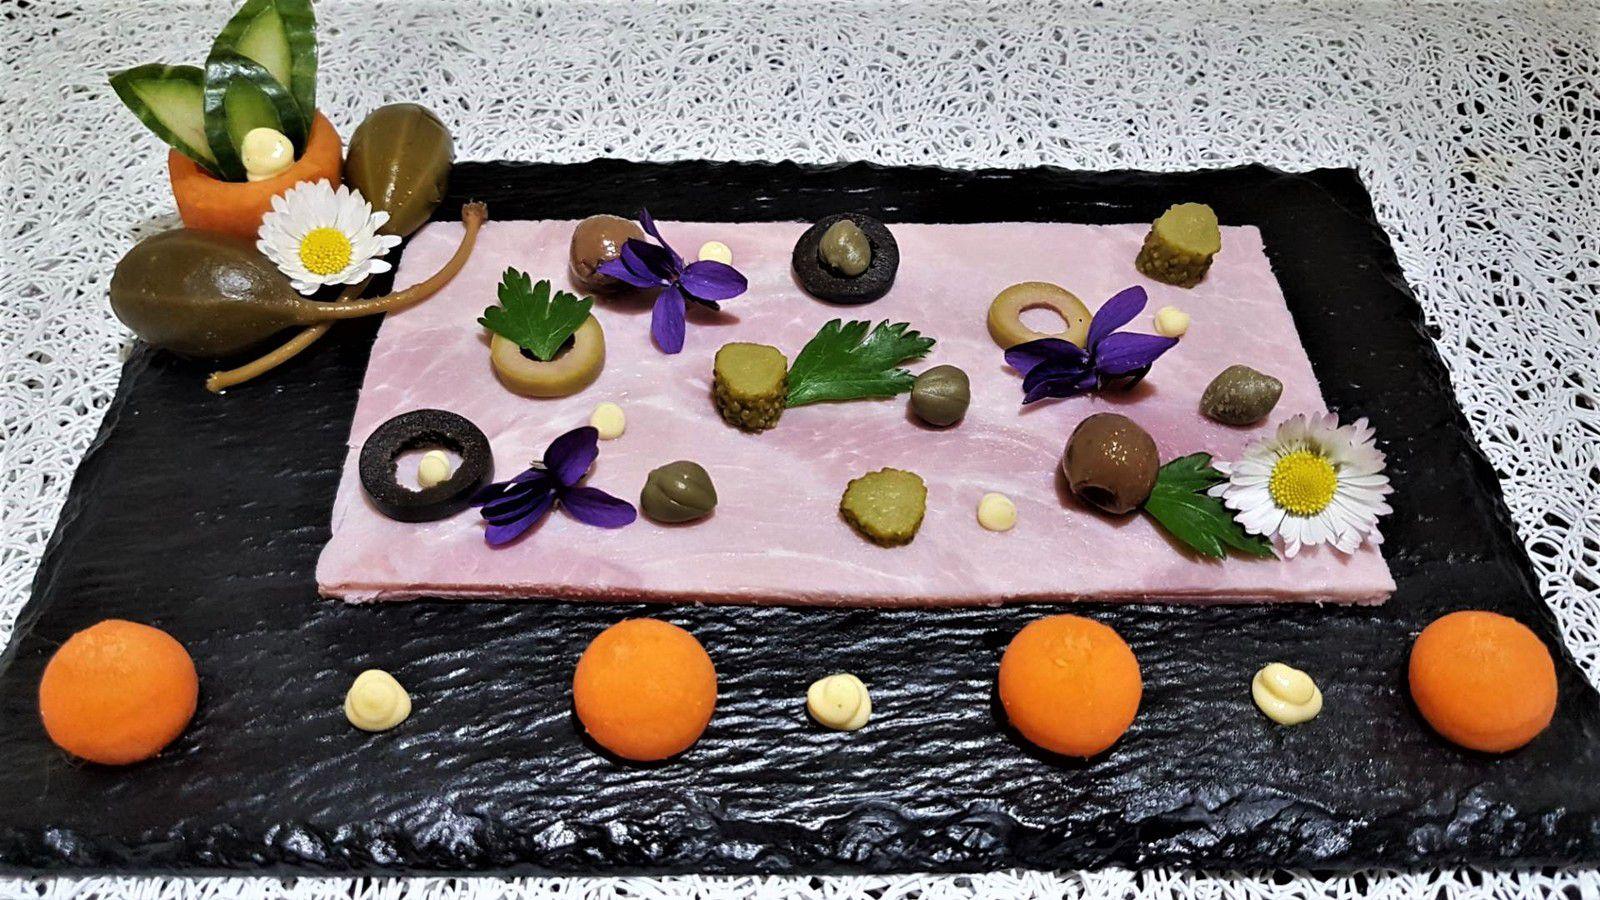 2 - Servir ce joli tableau accompagné de salade verte, de légumes ou de féculents